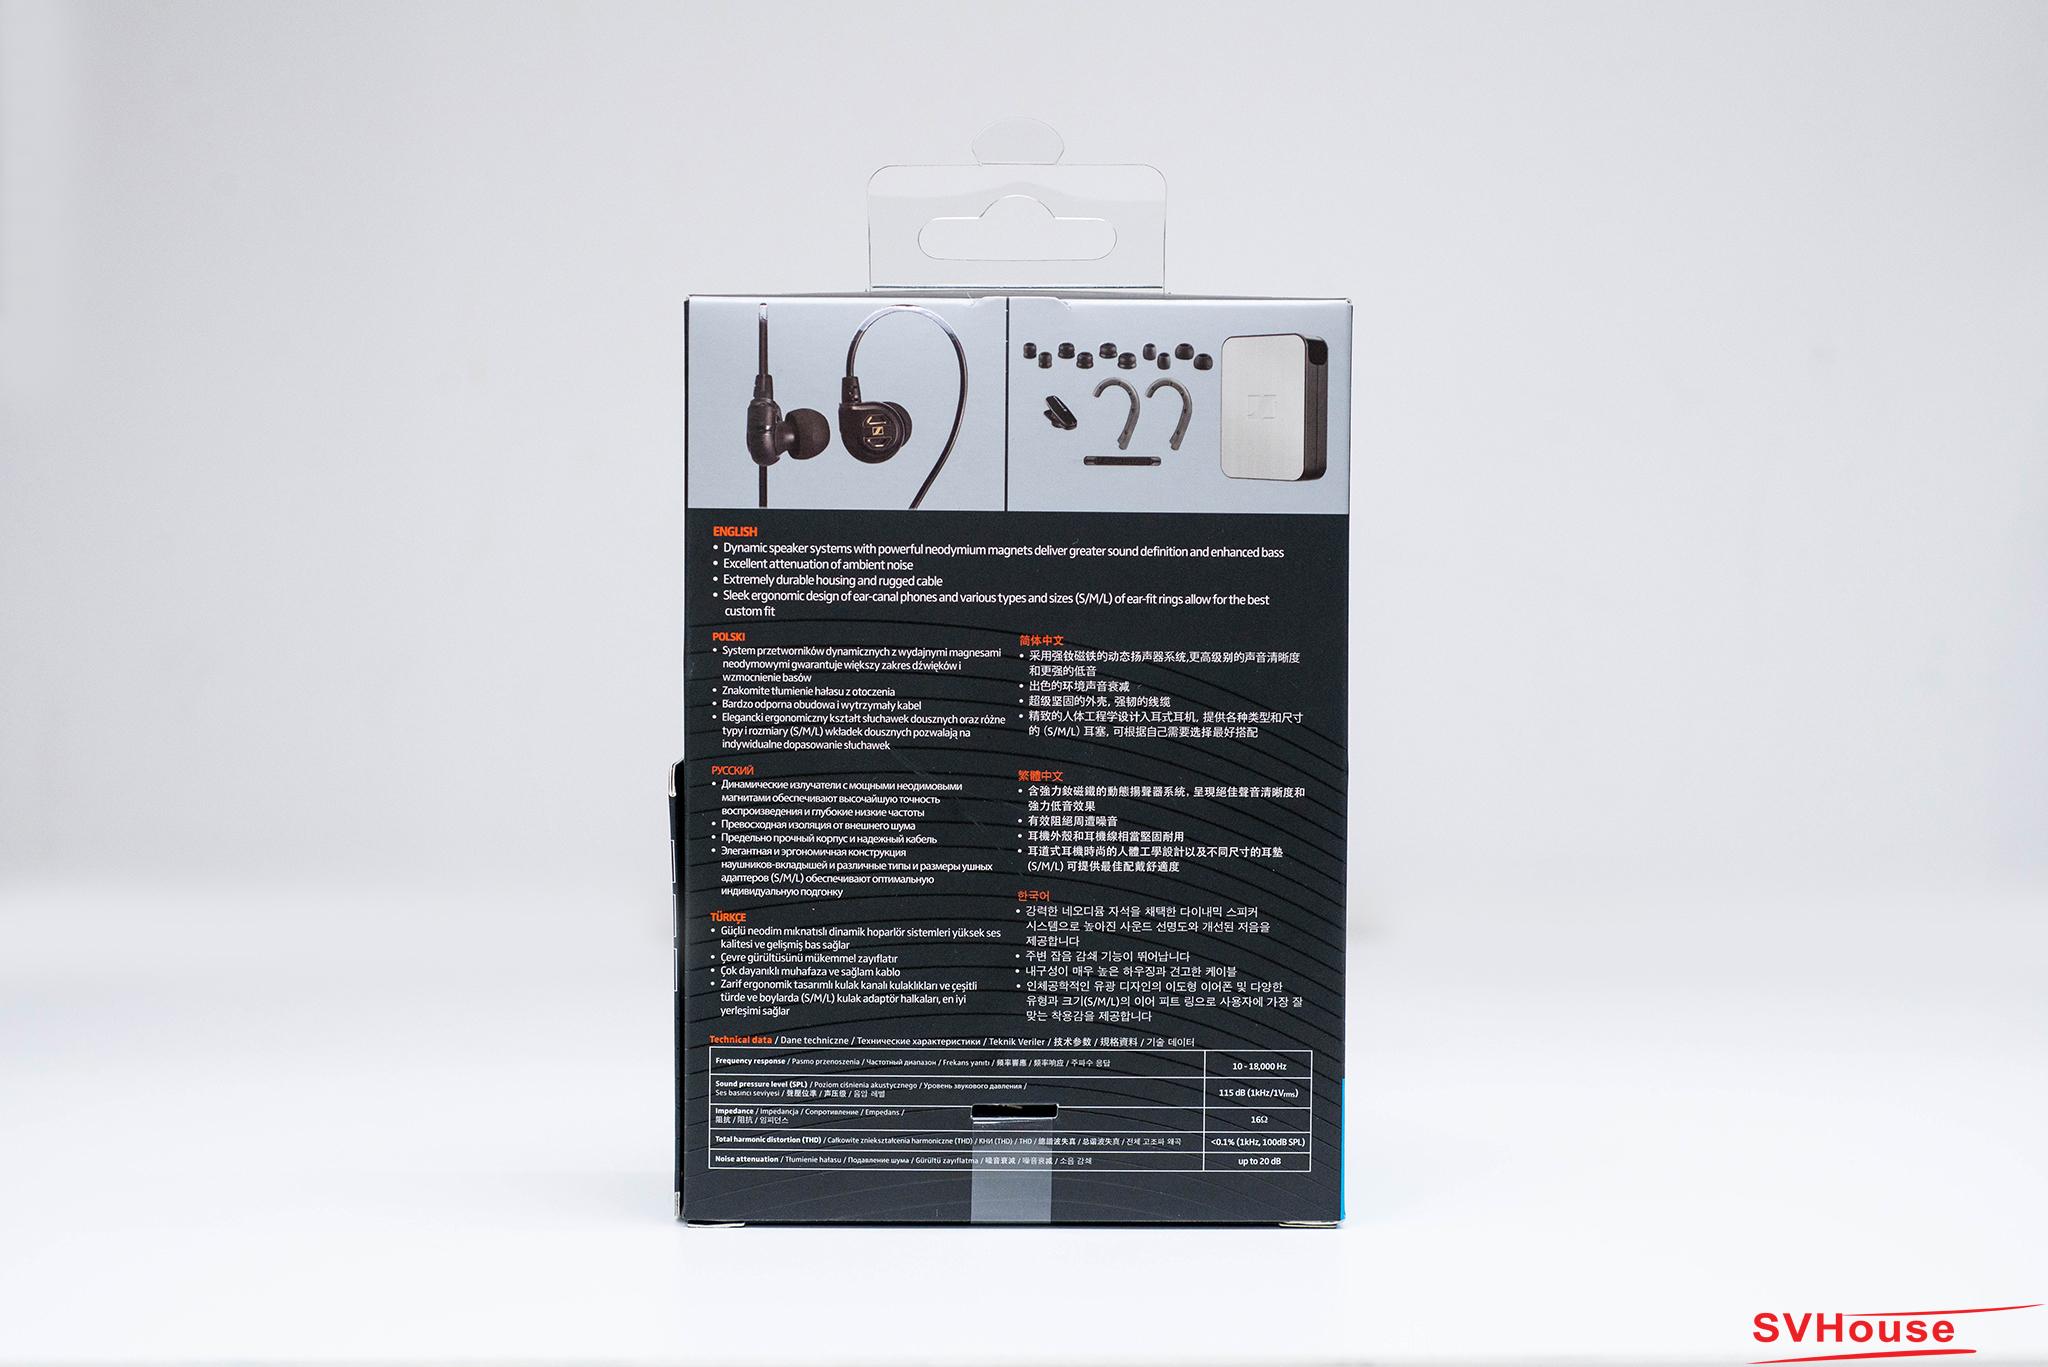 Quay lại mặt sau, vỏ hộp của IE60 cho chúng ta thấy những đặc tính thiết kế và thông số kỹ thuật của tai nghe